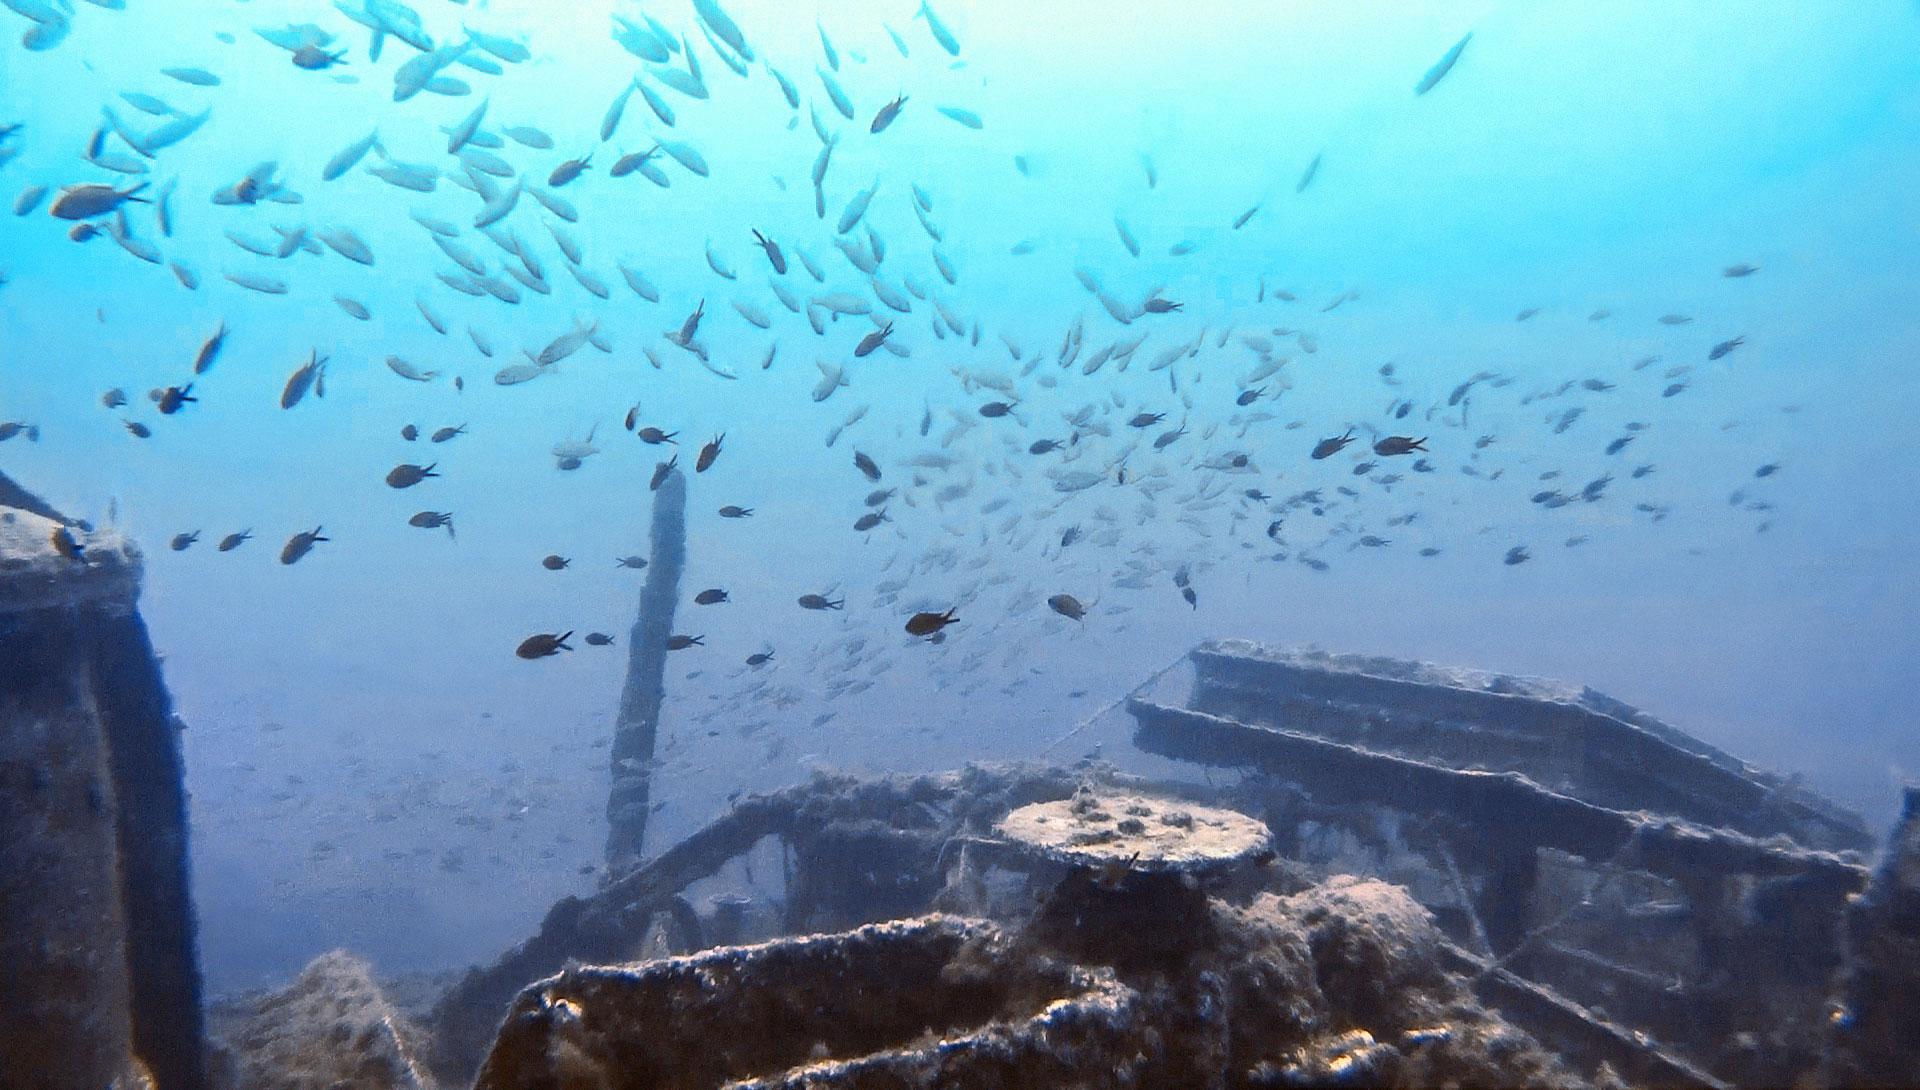 HMS Hellespont wreck